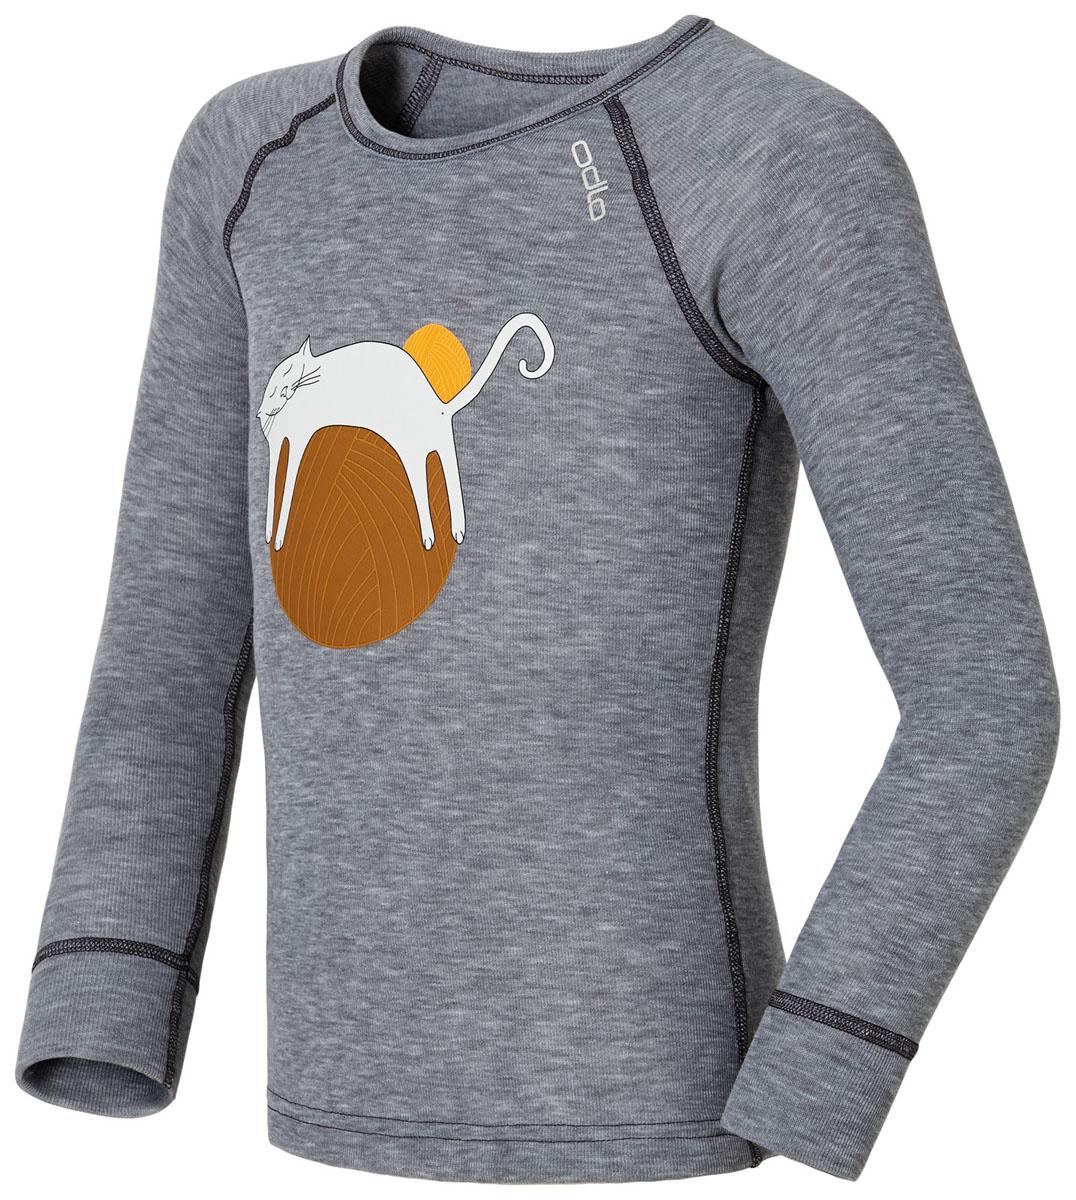 Термобелье футболка150479_15700Зима - это весело, если правильно одеться! В футболке с длинным рукавом Odlo Trend Kids Warm вашему ребенку будет тепло и комфортно. Изготовленная из 100% полиэстера, она испаряет влагу, оставляя кожу сухой, даже если ребенок потеет, делая упражнения или играя на свежем воздухе. Лицевая сторона гладкая, а изнаночная - с мягким теплым начесом. Футболка с длинными рукавами-реглан и круглым вырезом горловины спереди оформлена термоаппликацией с изображением забавного котенка. Рукава дополнены широкими эластичными манжетами. Спинка незначительно удлинена. Чем бы ни занимался ваш ребенок - катался на лыжах, лепил снеговика или играл в снежки, такая футболка - незаменимая вещь в любой зимний день! Рекомендуемый температурный режим - от -10°С до +15°С.